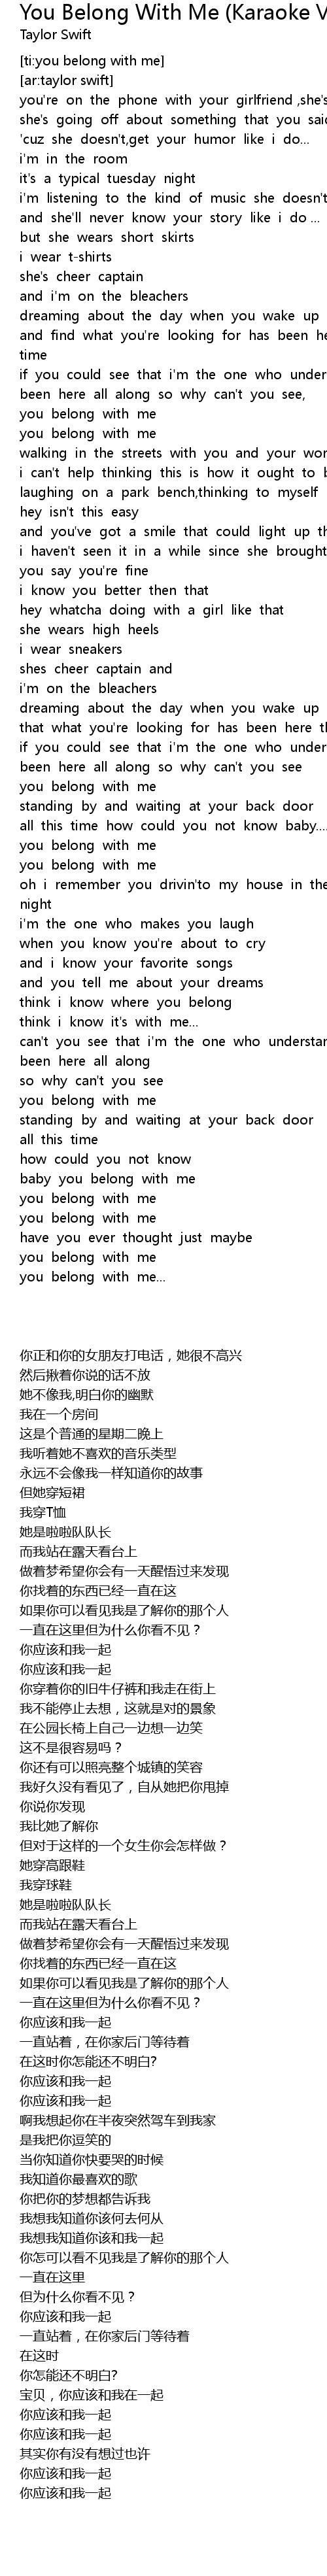 You Belong With Me Karaoke Version Lyrics Follow Lyrics